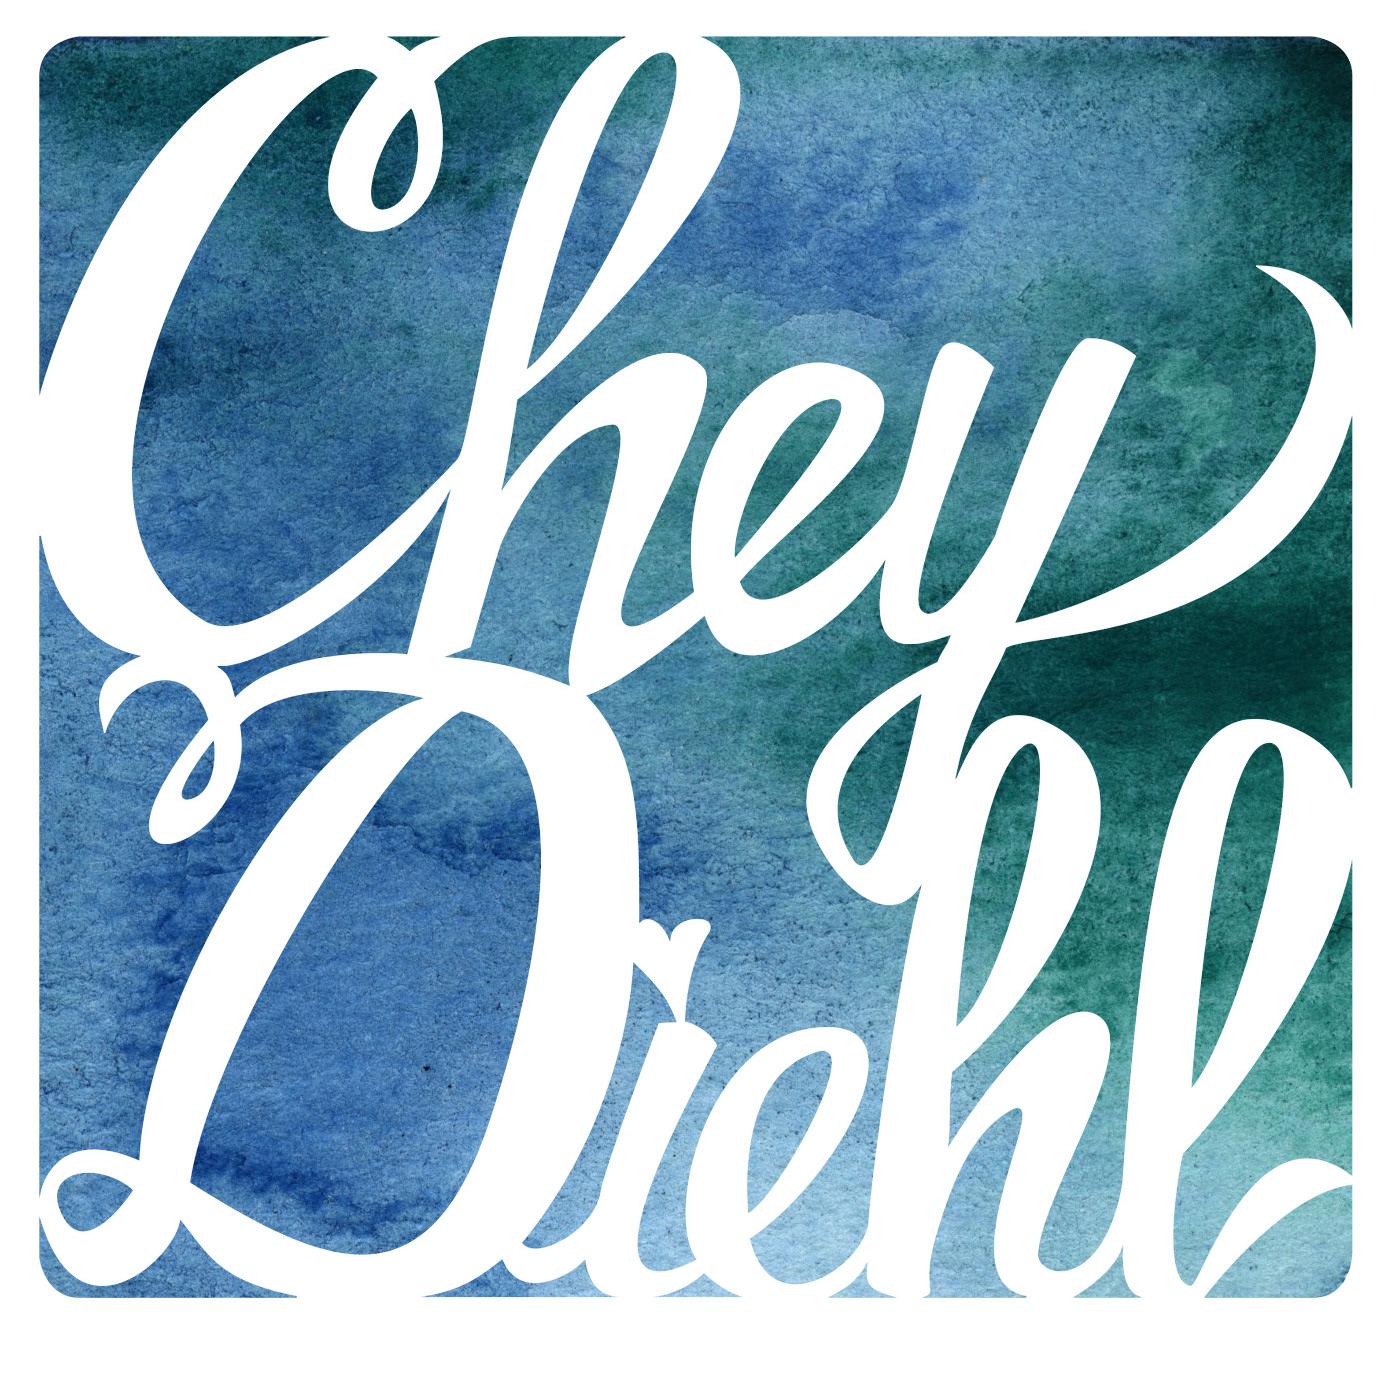 Cheryl Diehl